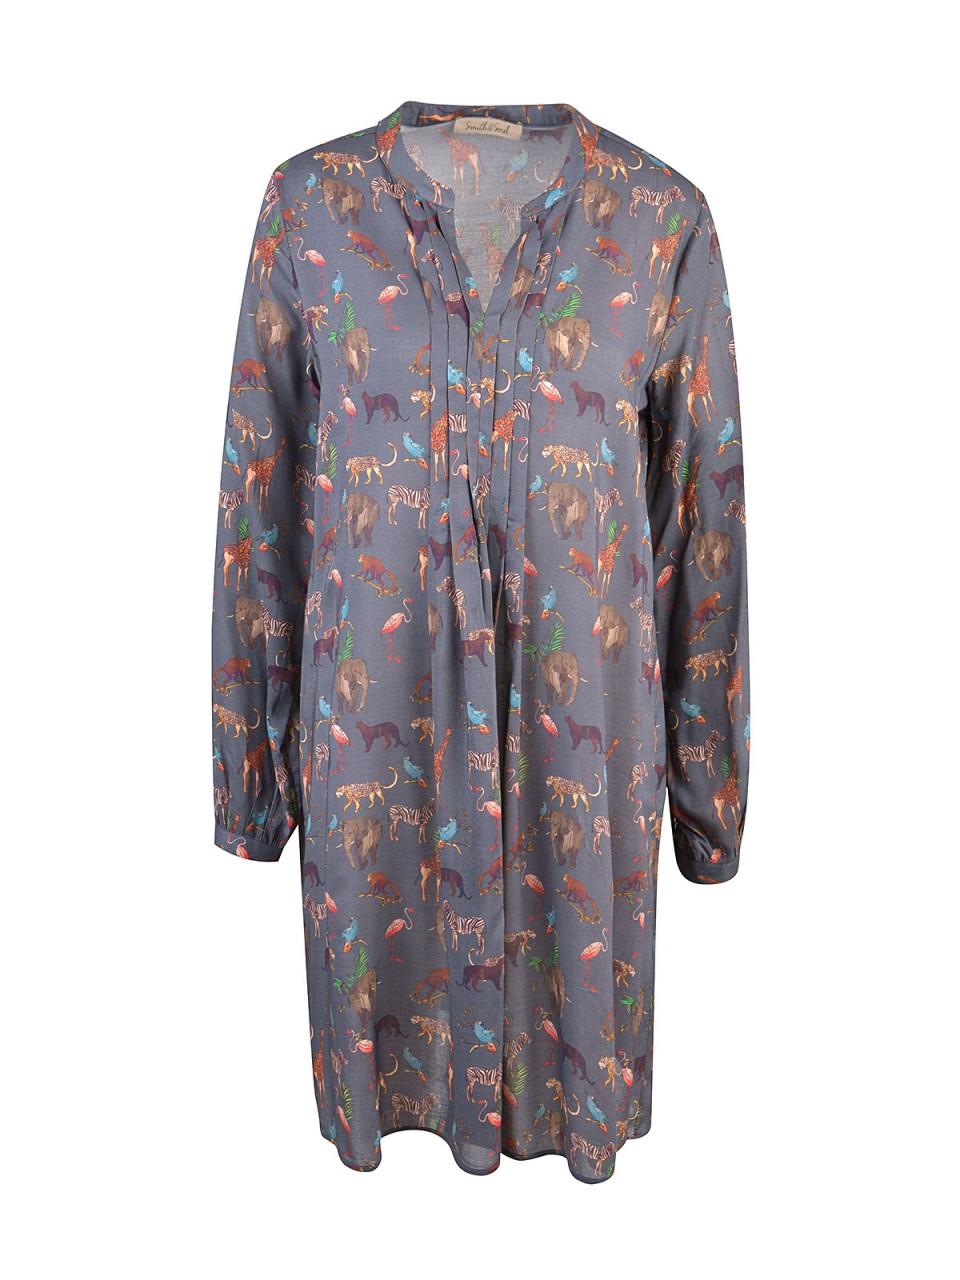 Kleider - SMITH SOUL Damen Kleid, grau  - Onlineshop Designermode.com